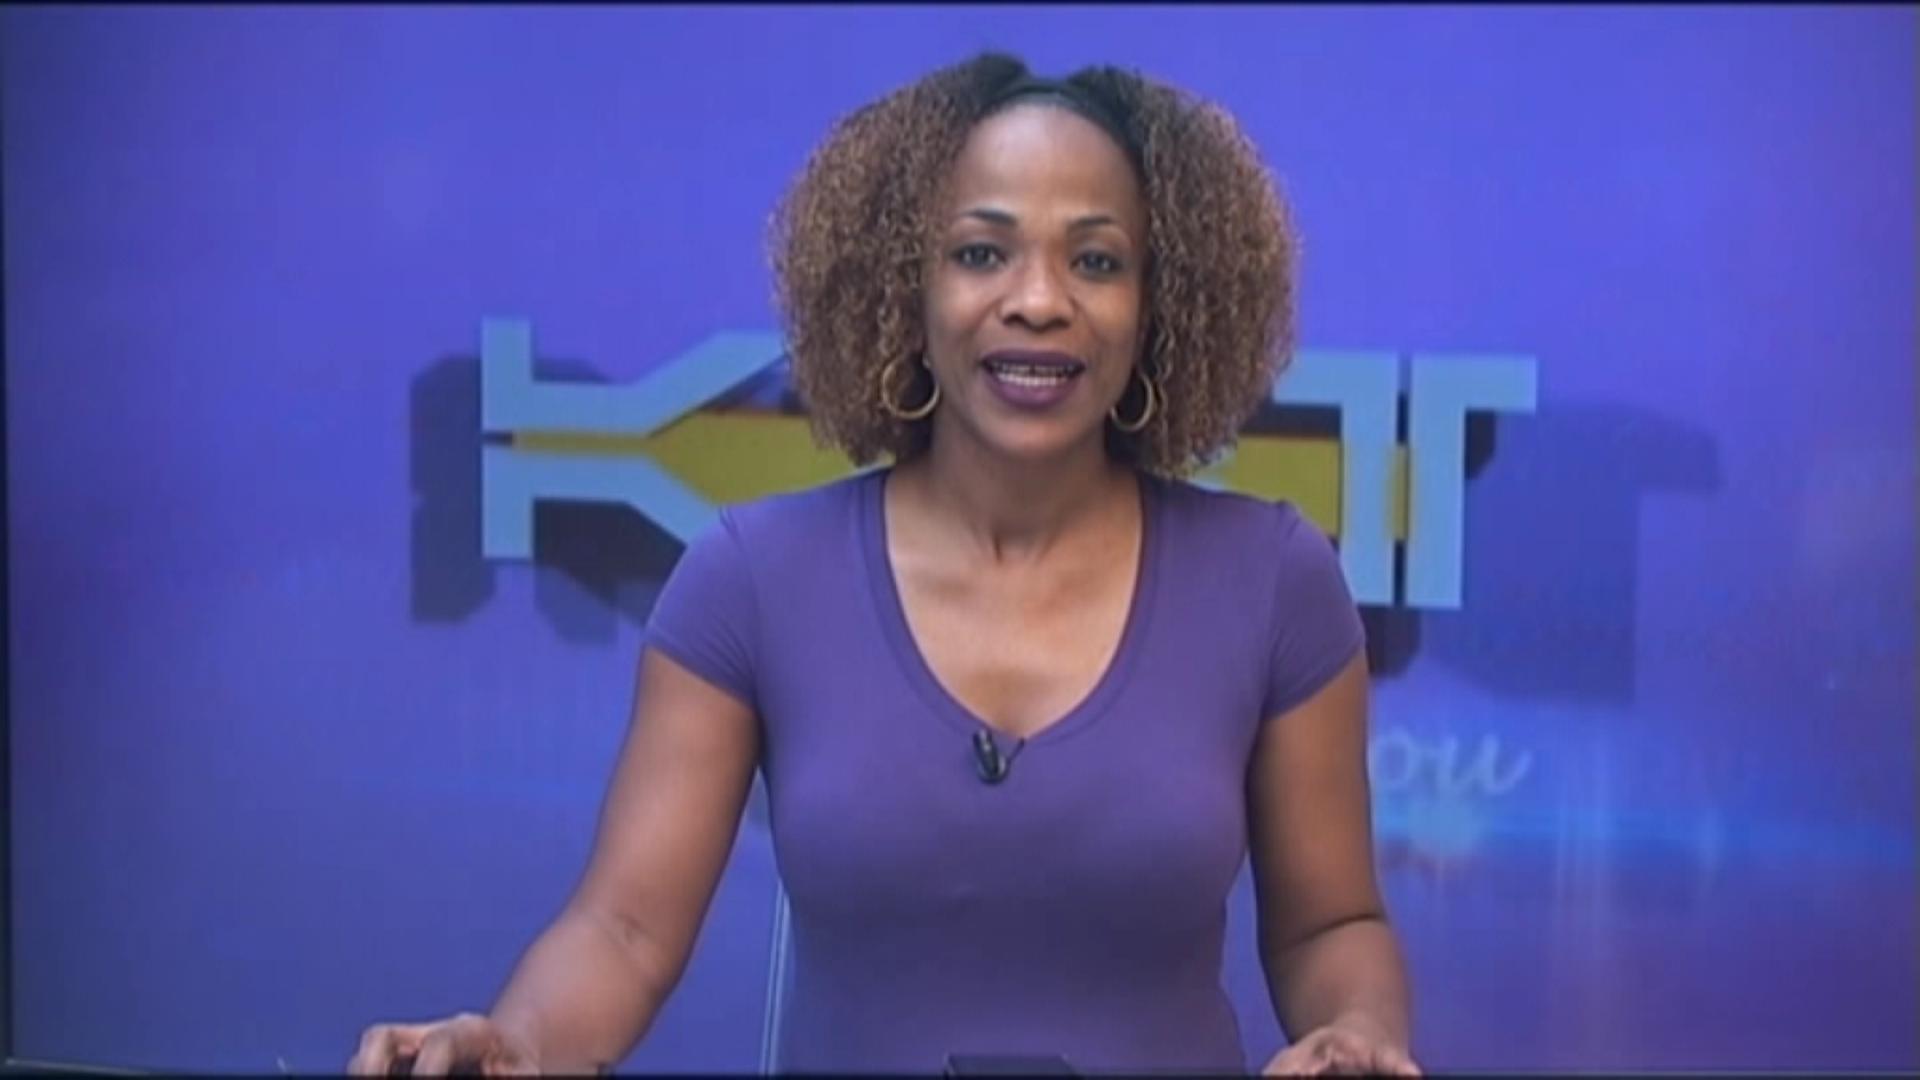 [Vidéo]Onews  Martinique. Jt kMT